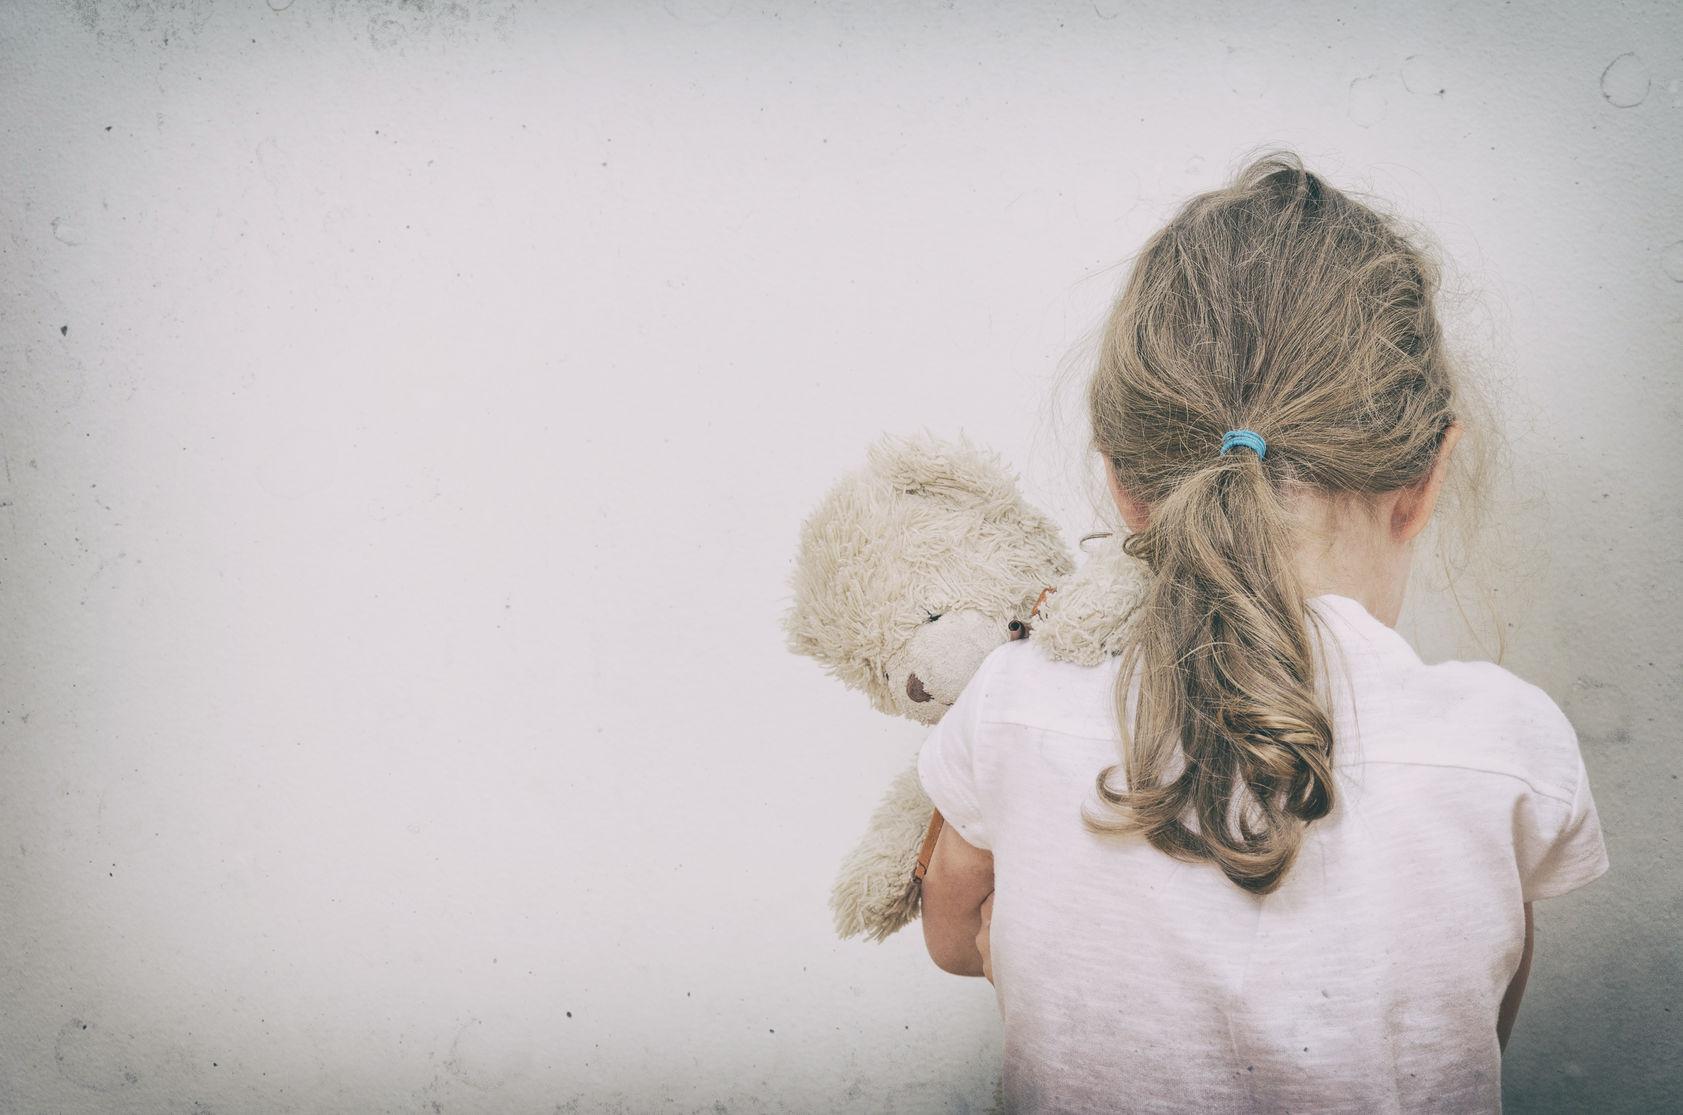 niña victima de violencia